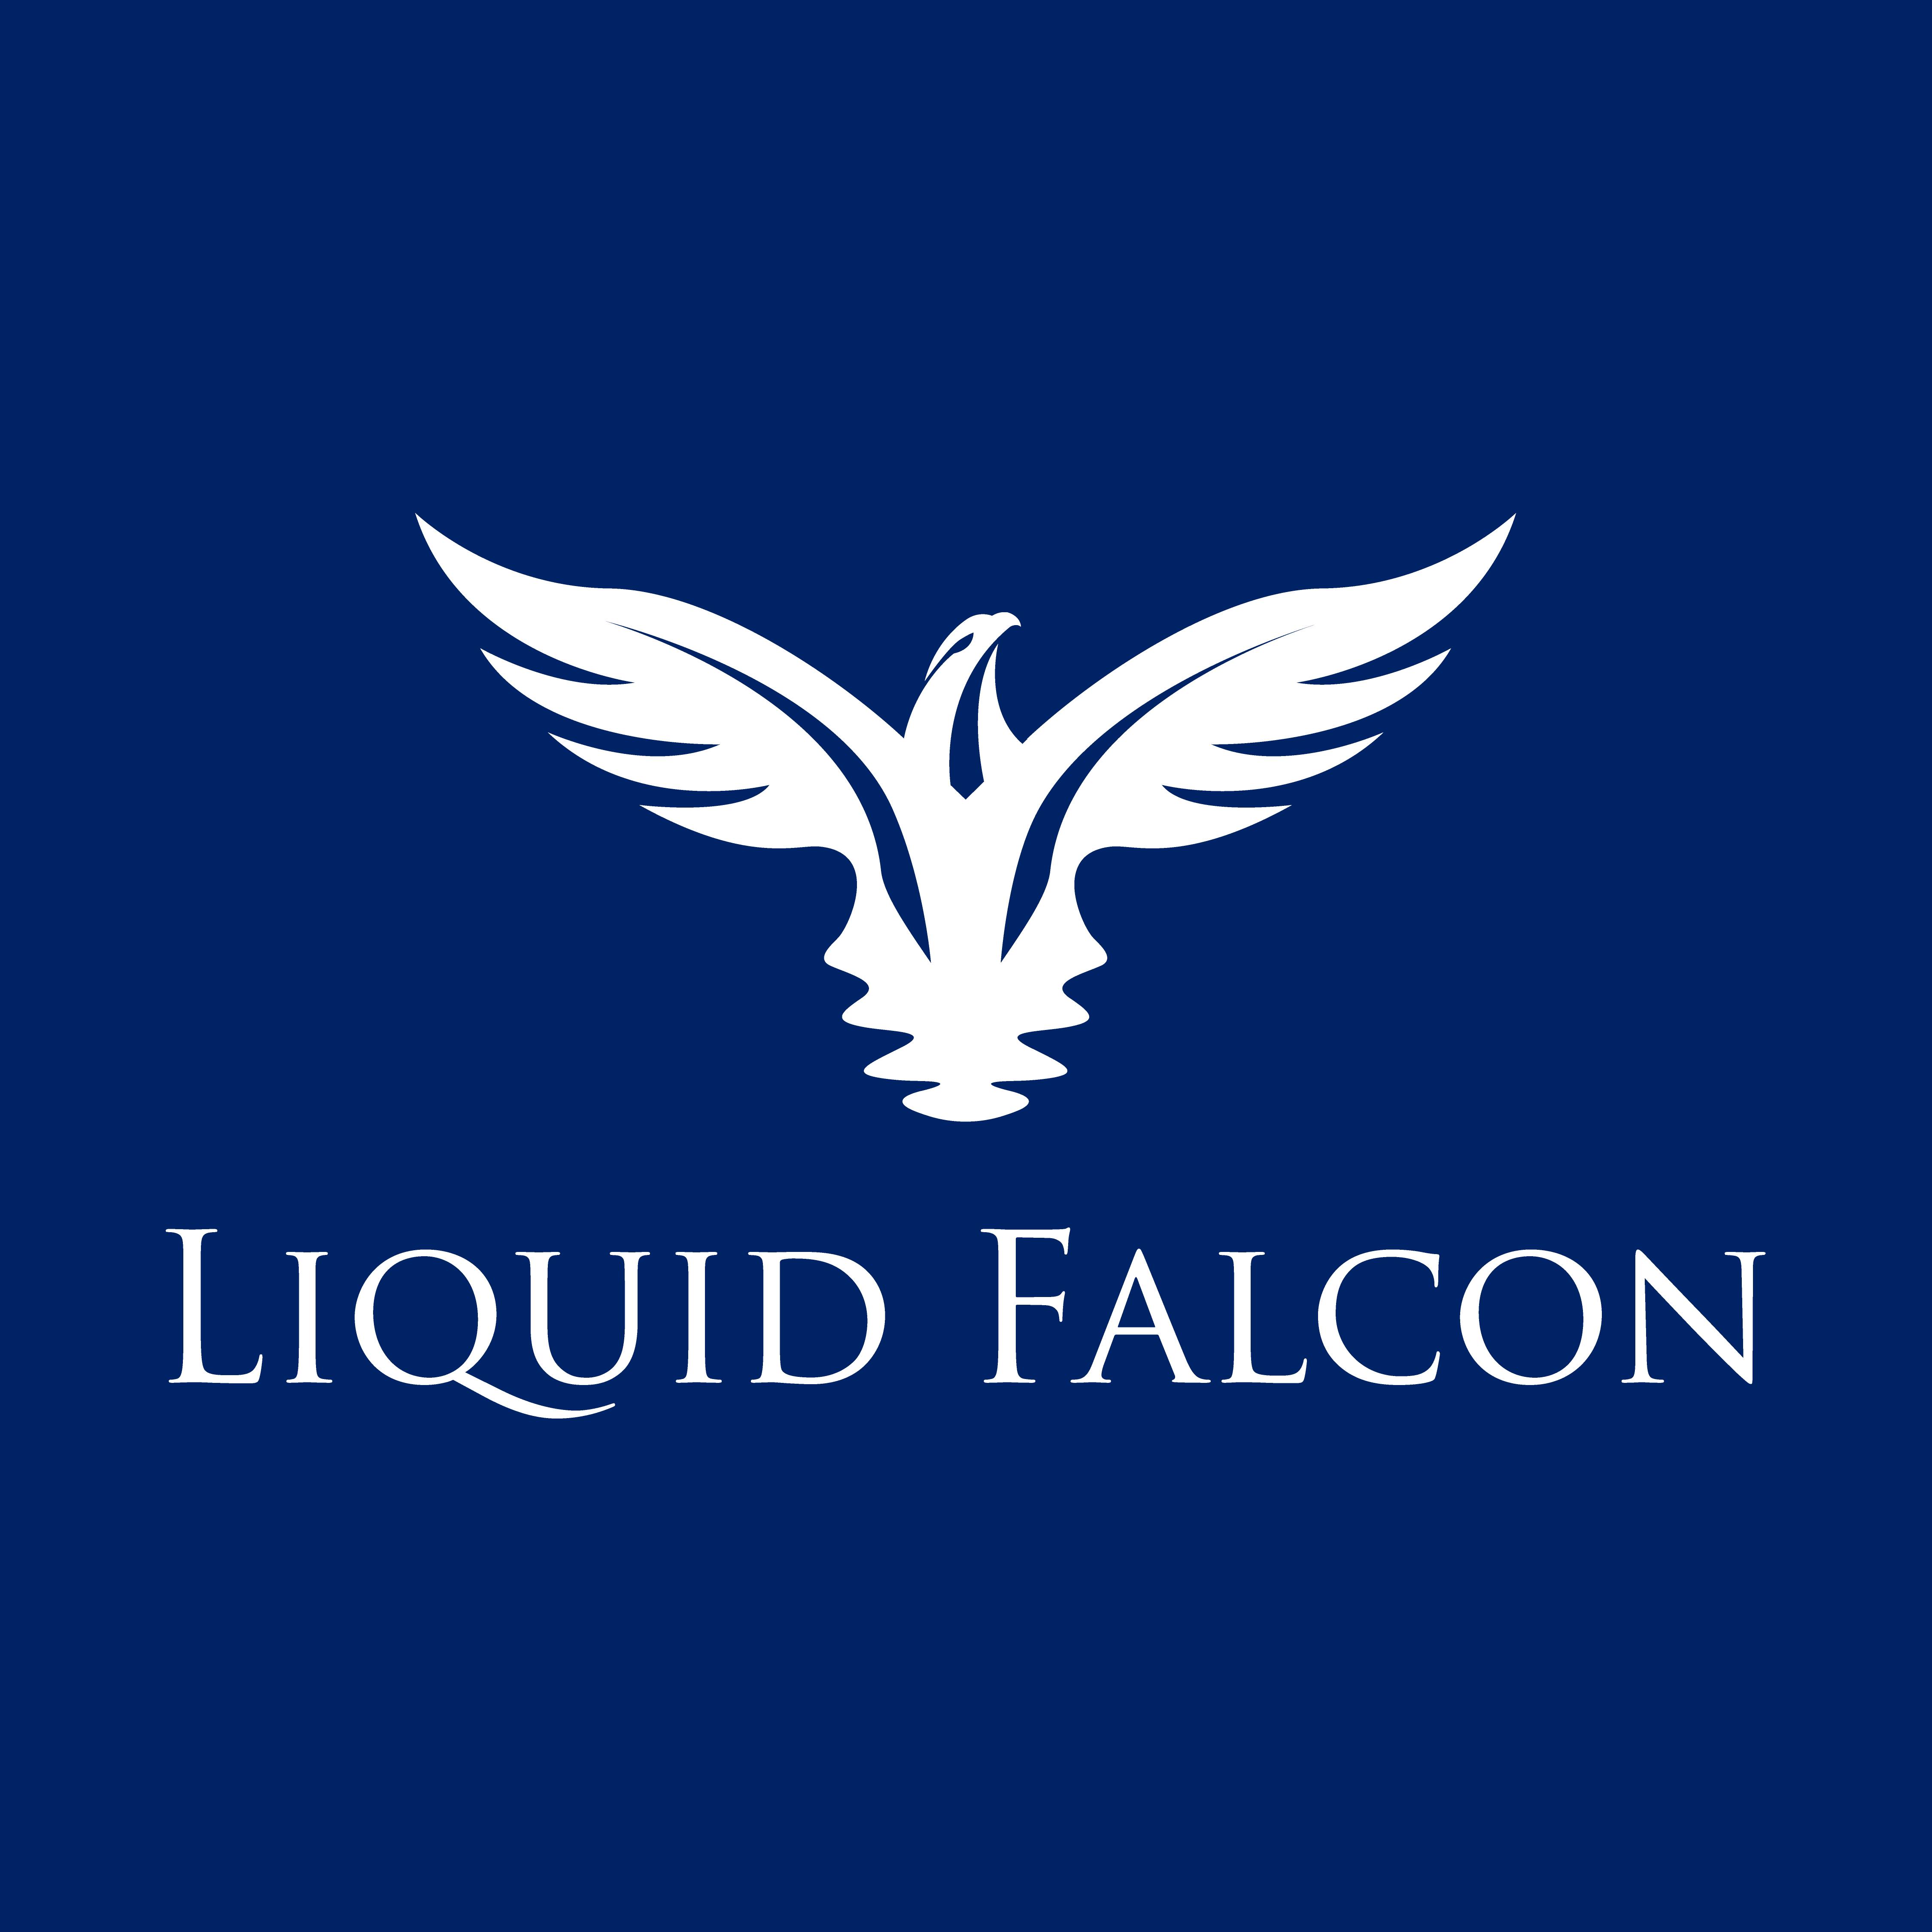 Liquid Falcon